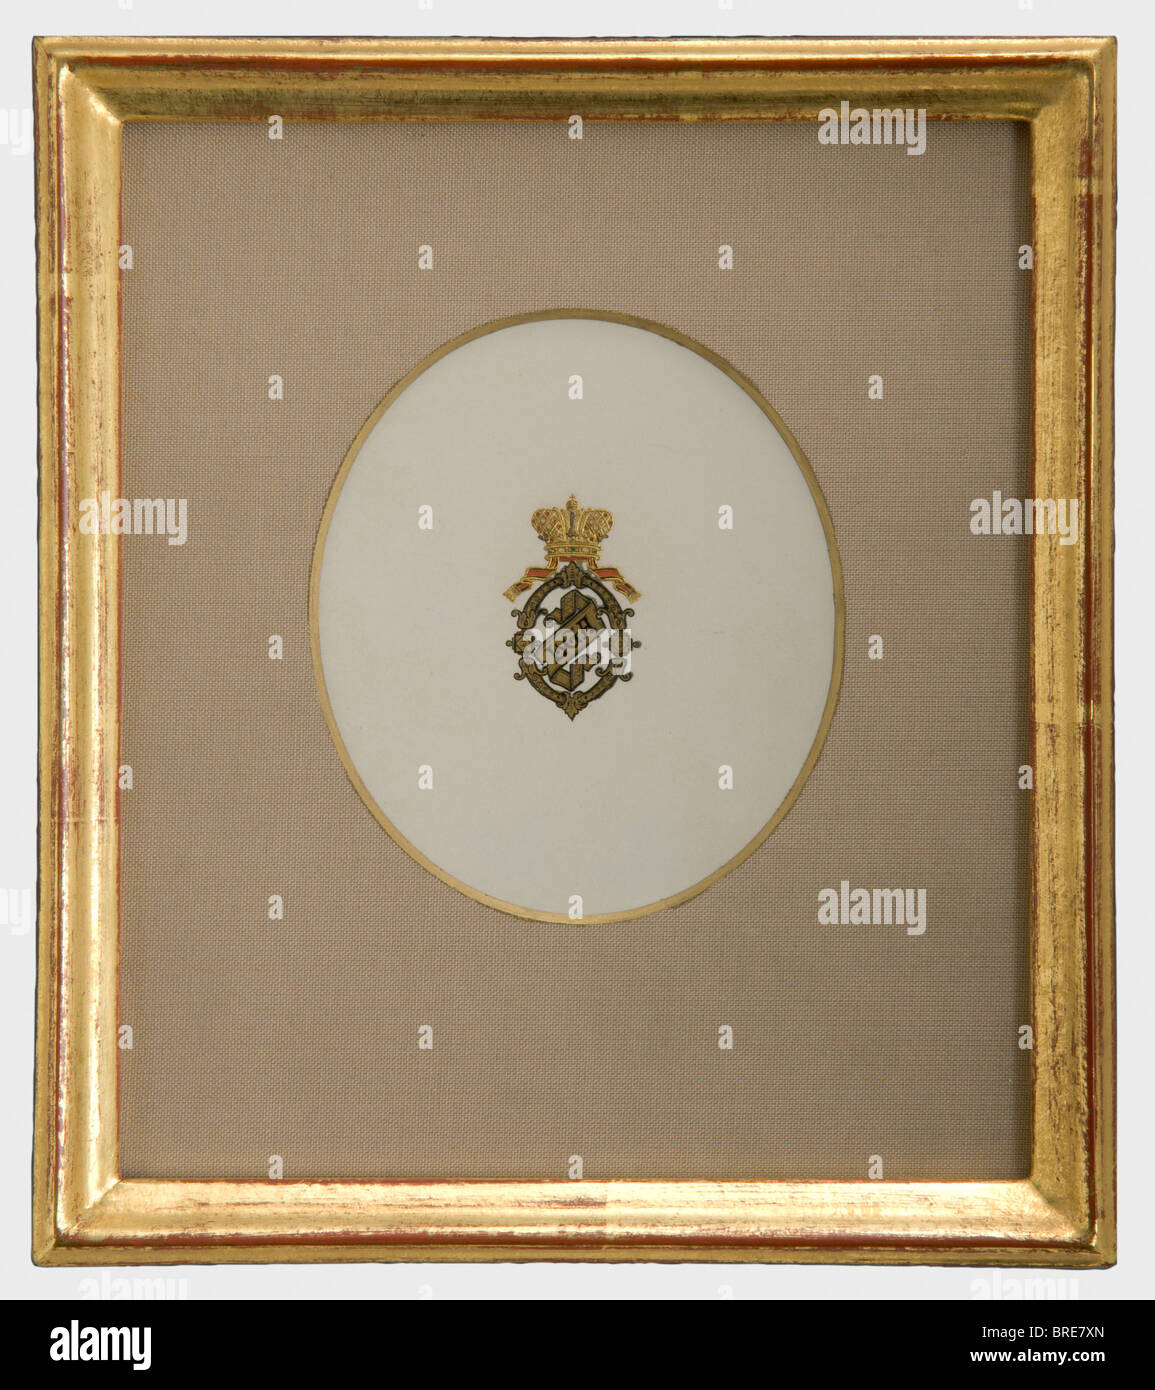 Une carte avec monogramme, vers 1880 'Olga' en couleur sous une couronne grand-ducal d'or gravée Photo Stock